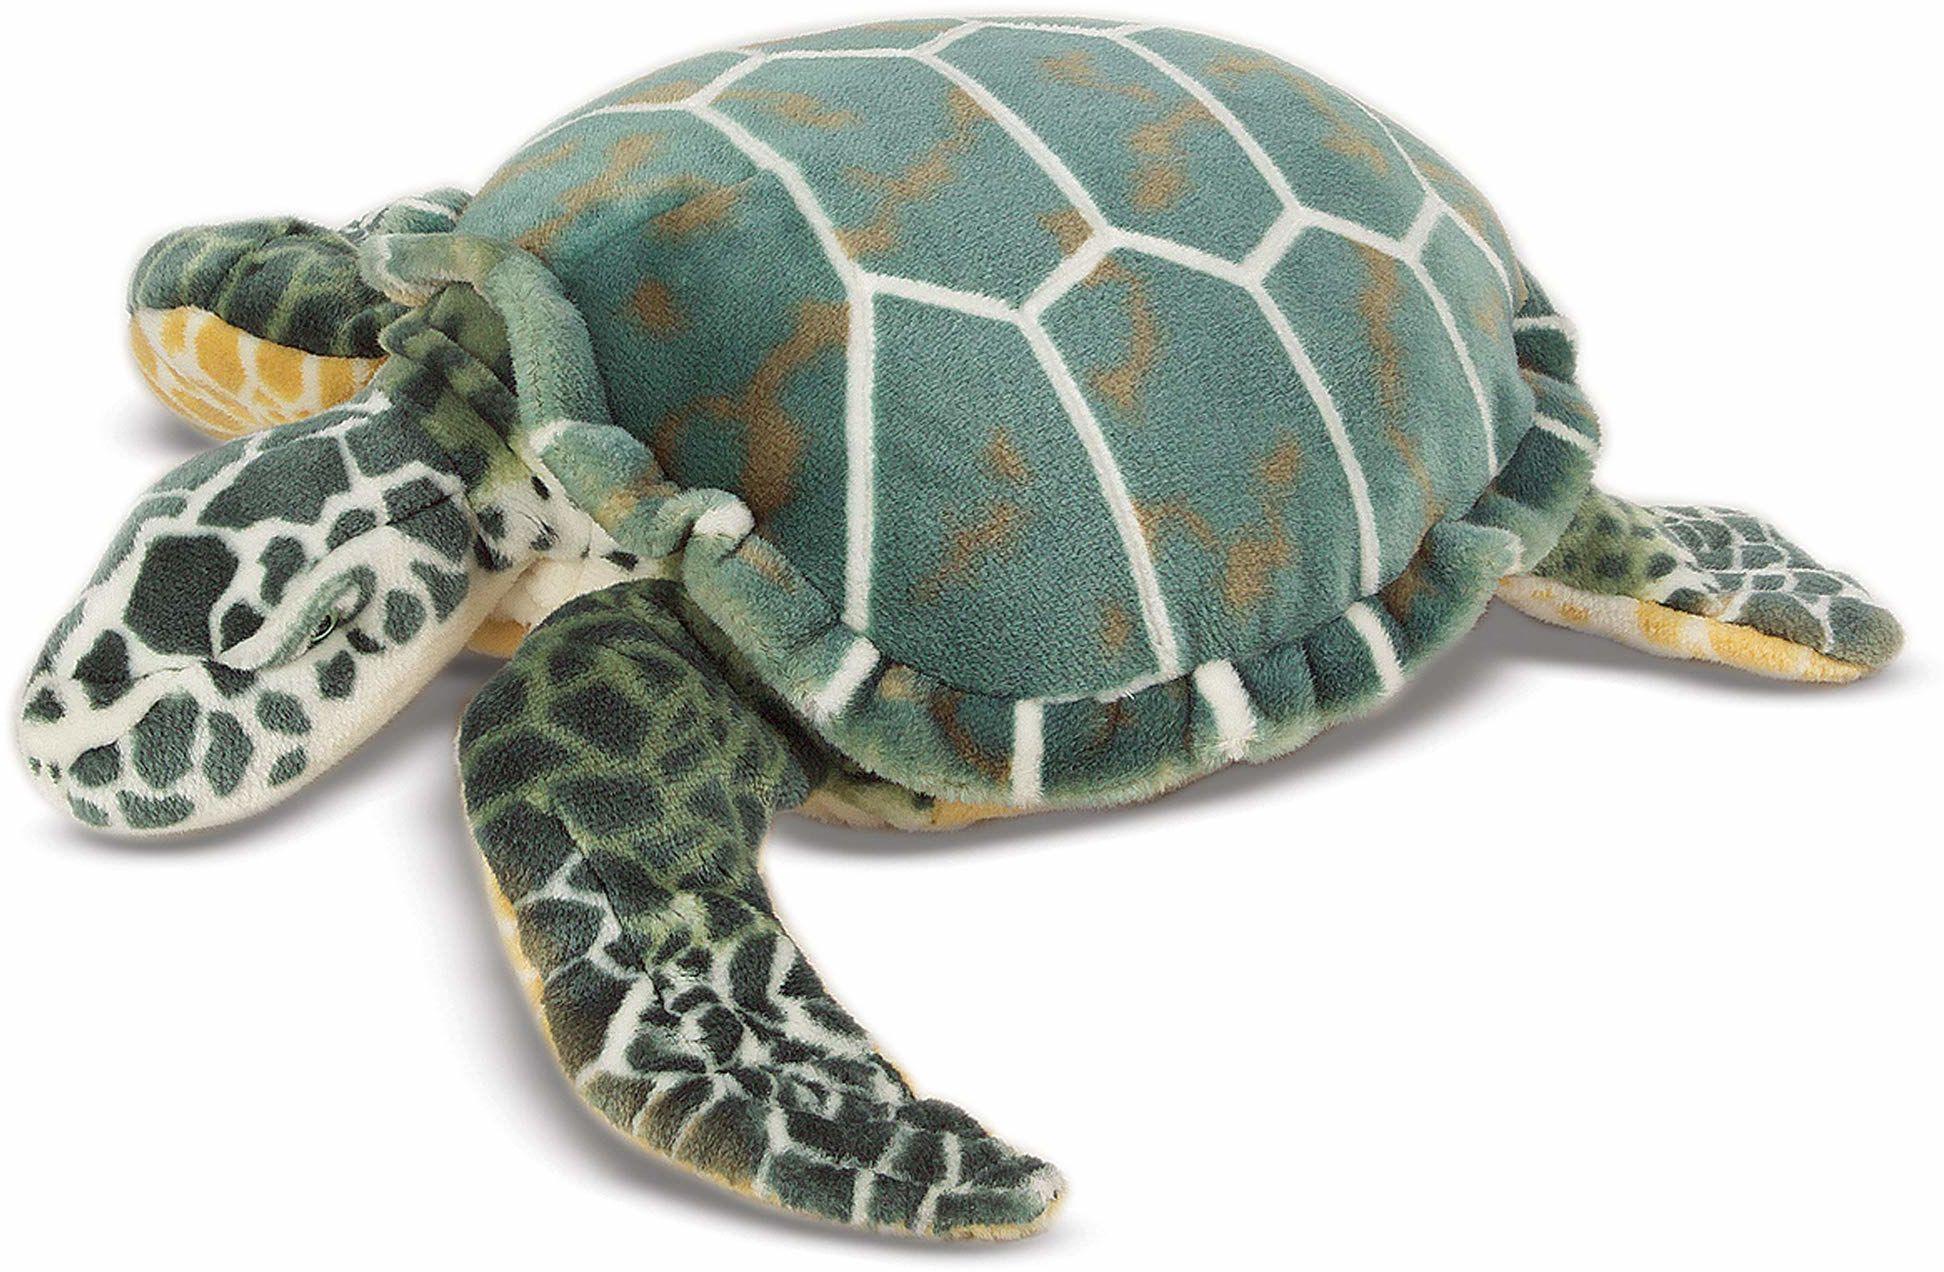 Melissa & Doug Żółw morski - pluszowy Miękka zabawka Zwierzę W każdym wieku Prezent dla chłopców lub dziewcząt